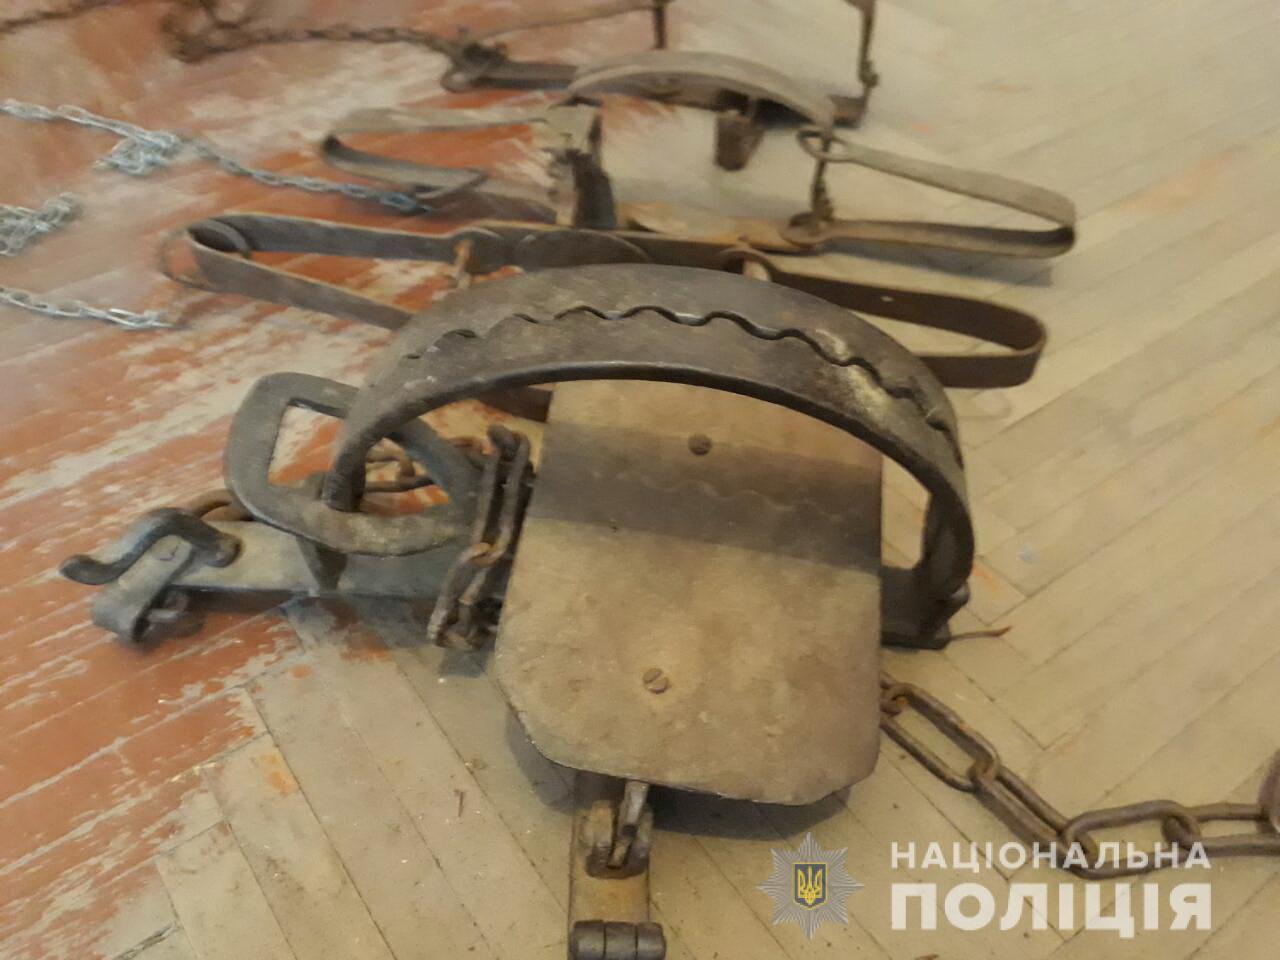 У Воловецькому районі, що на Закарпатті, у 29-річного та 34-річного чоловіків знайшли браконьєрське приладдя